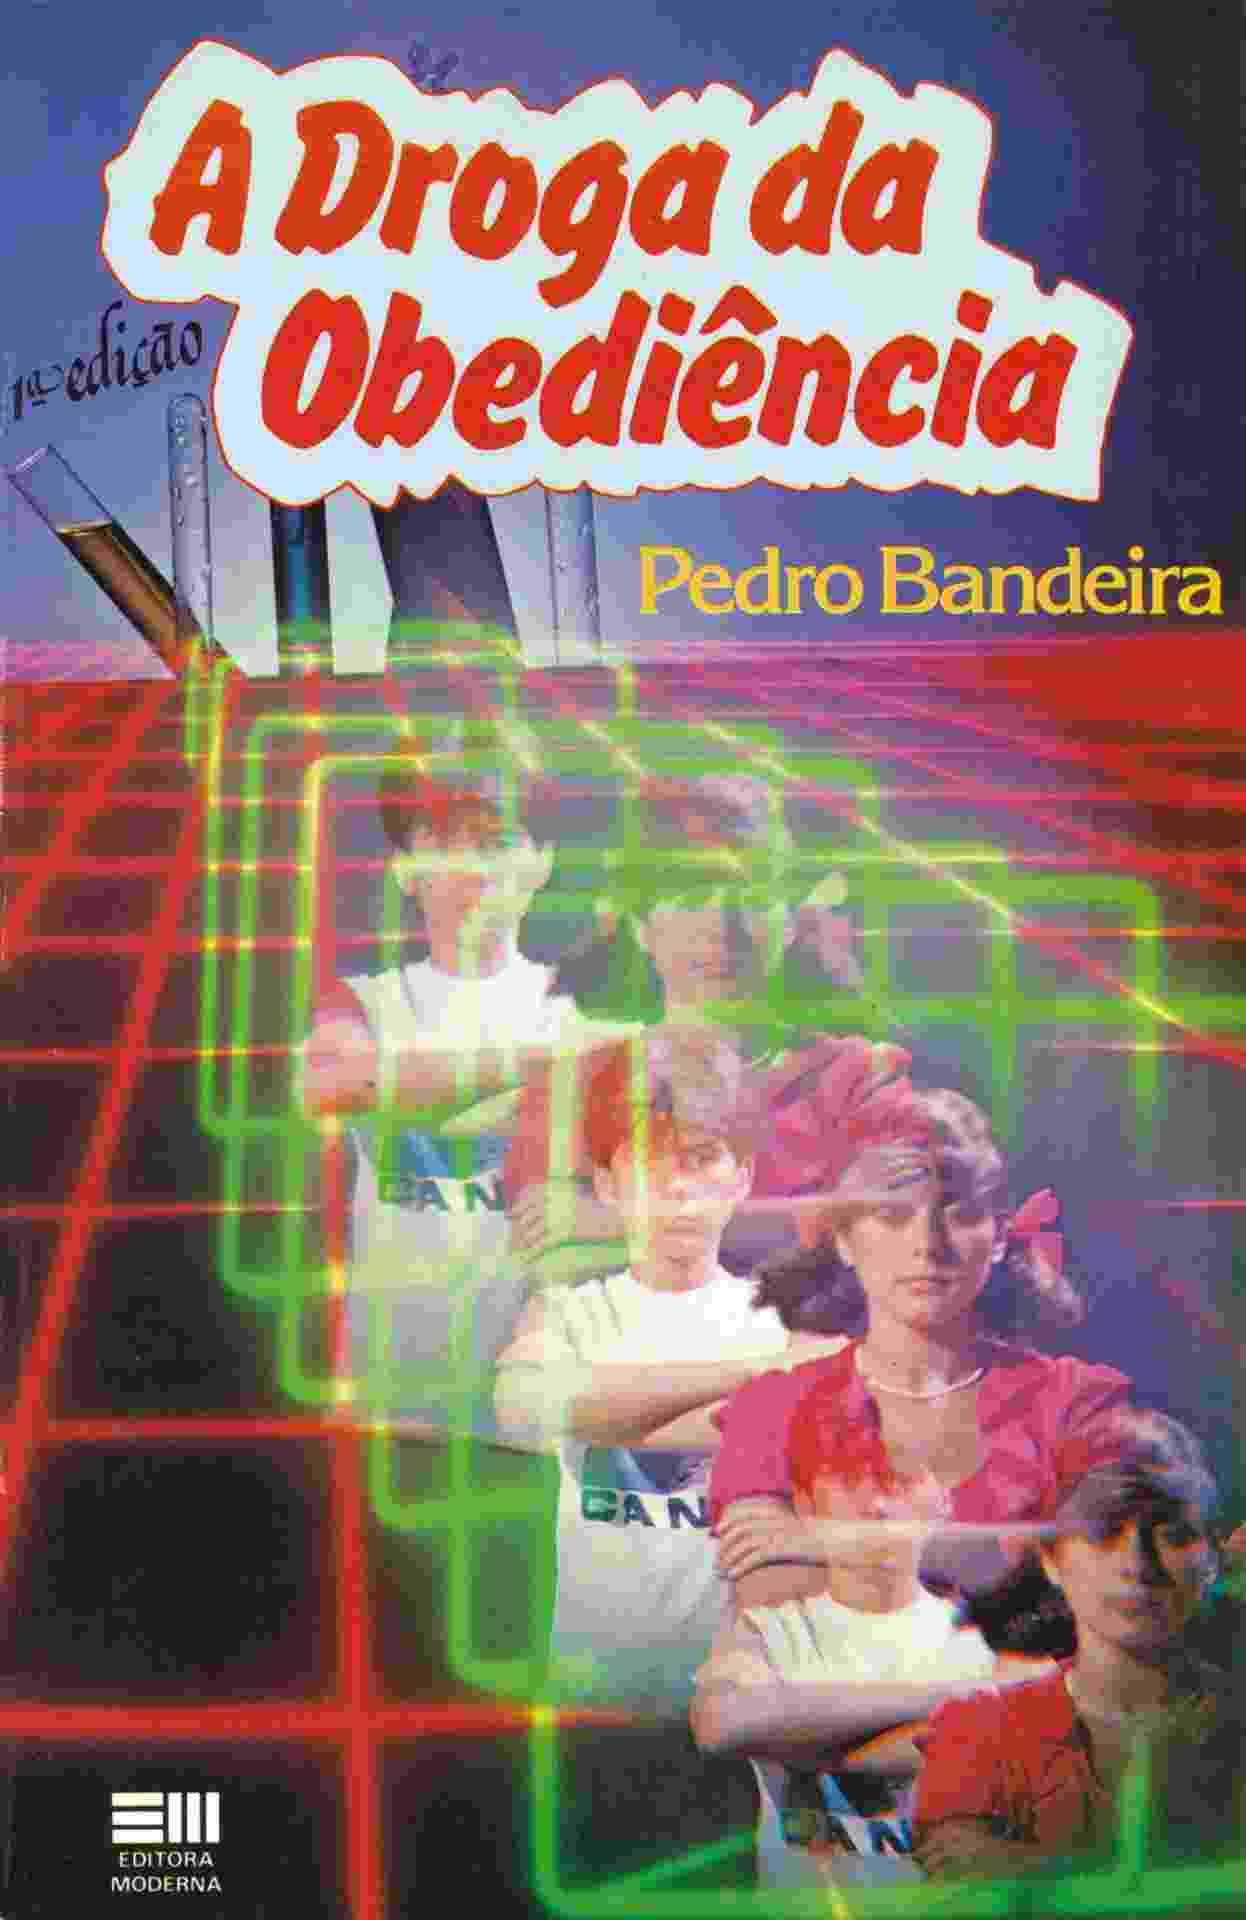 """Capa do livro """"A Droga da Obediência"""" (1984), de Pedro Bandeira - Reprodução"""